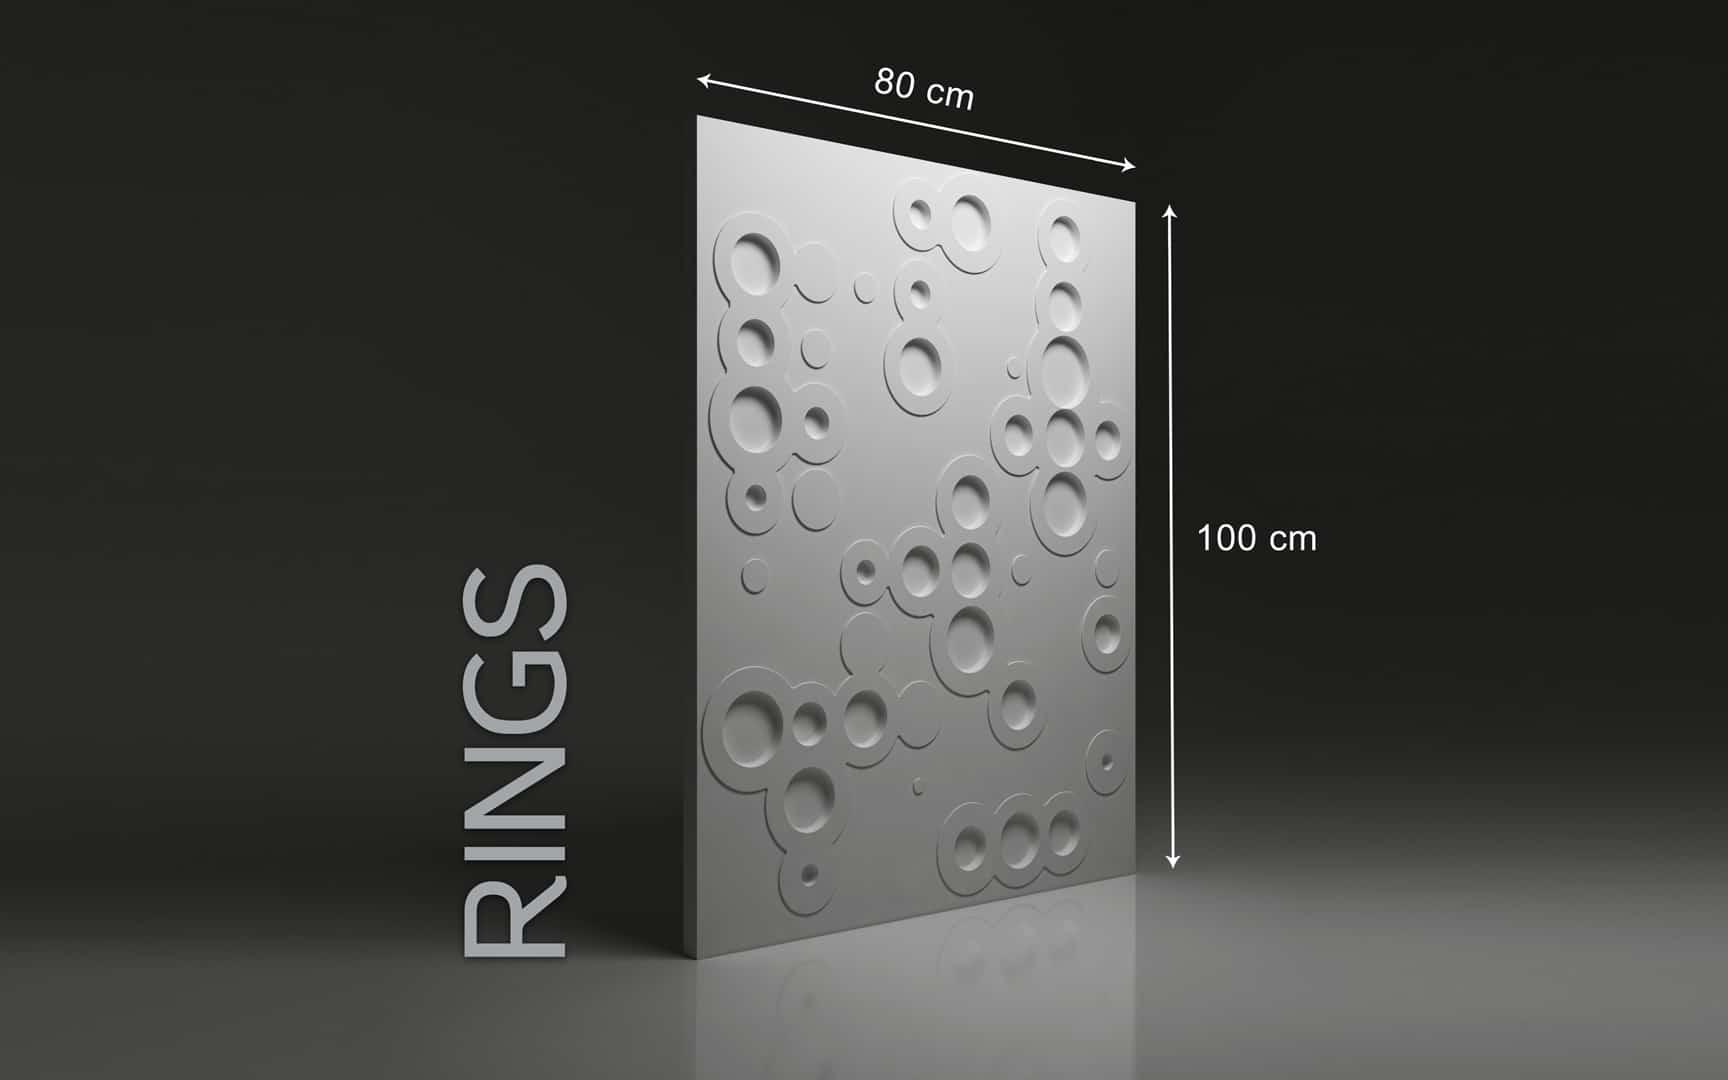 RINGS DIMENSIONS : hauteur 100 x largeur 80 cm ÉPAISSEUR : 1,5 à 3 cm POIDS : environ 12 kg